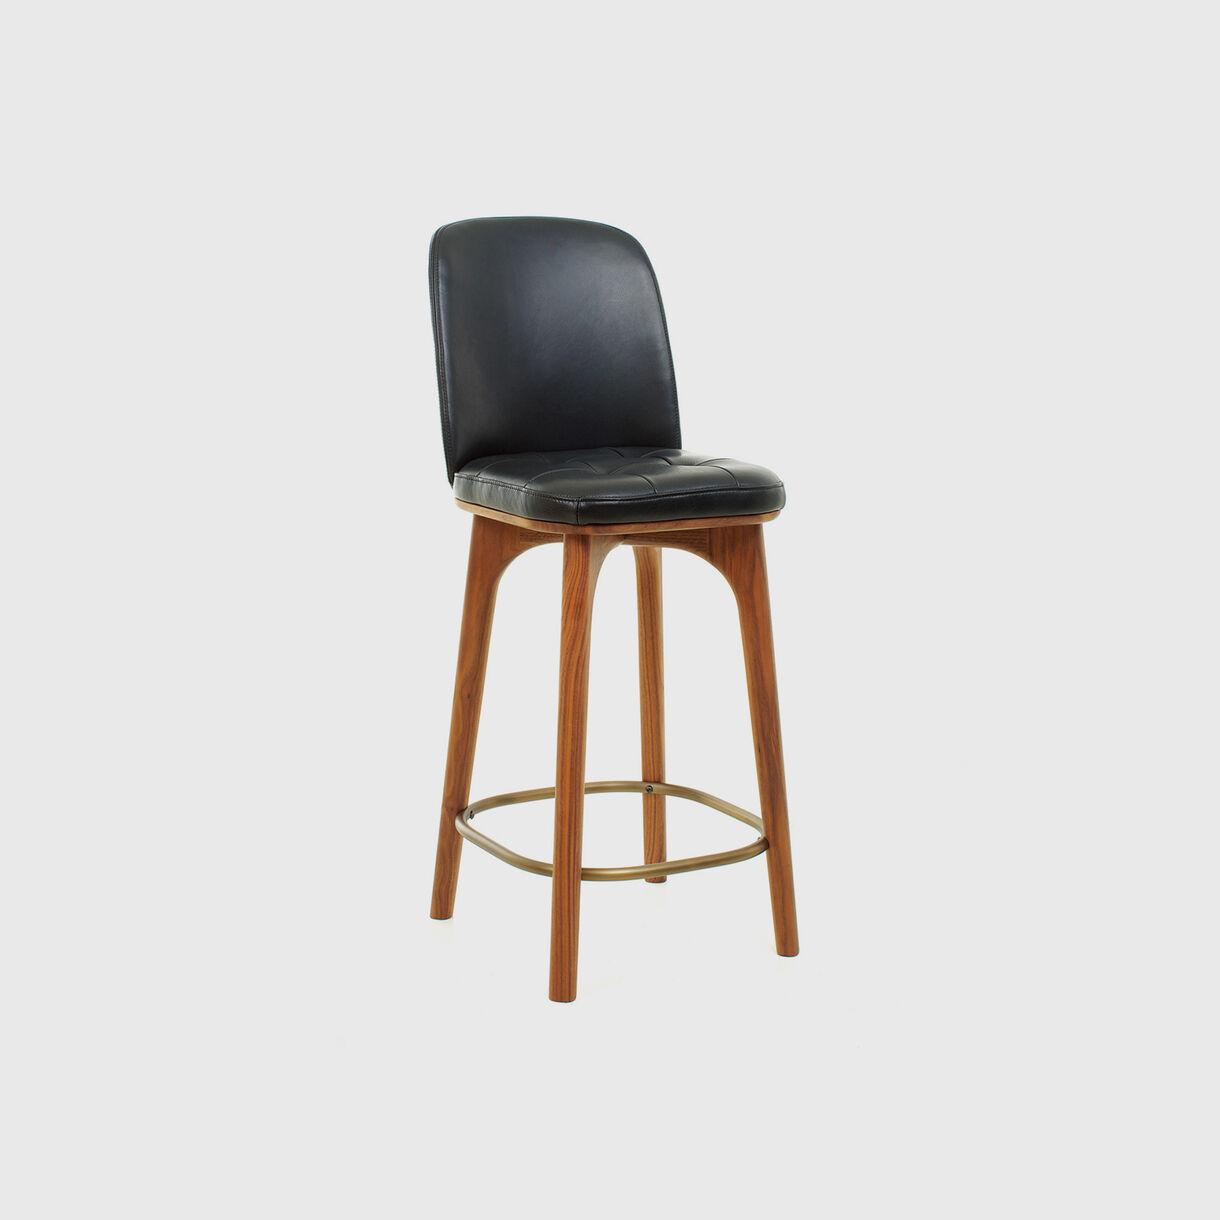 Utility High Chair, H610